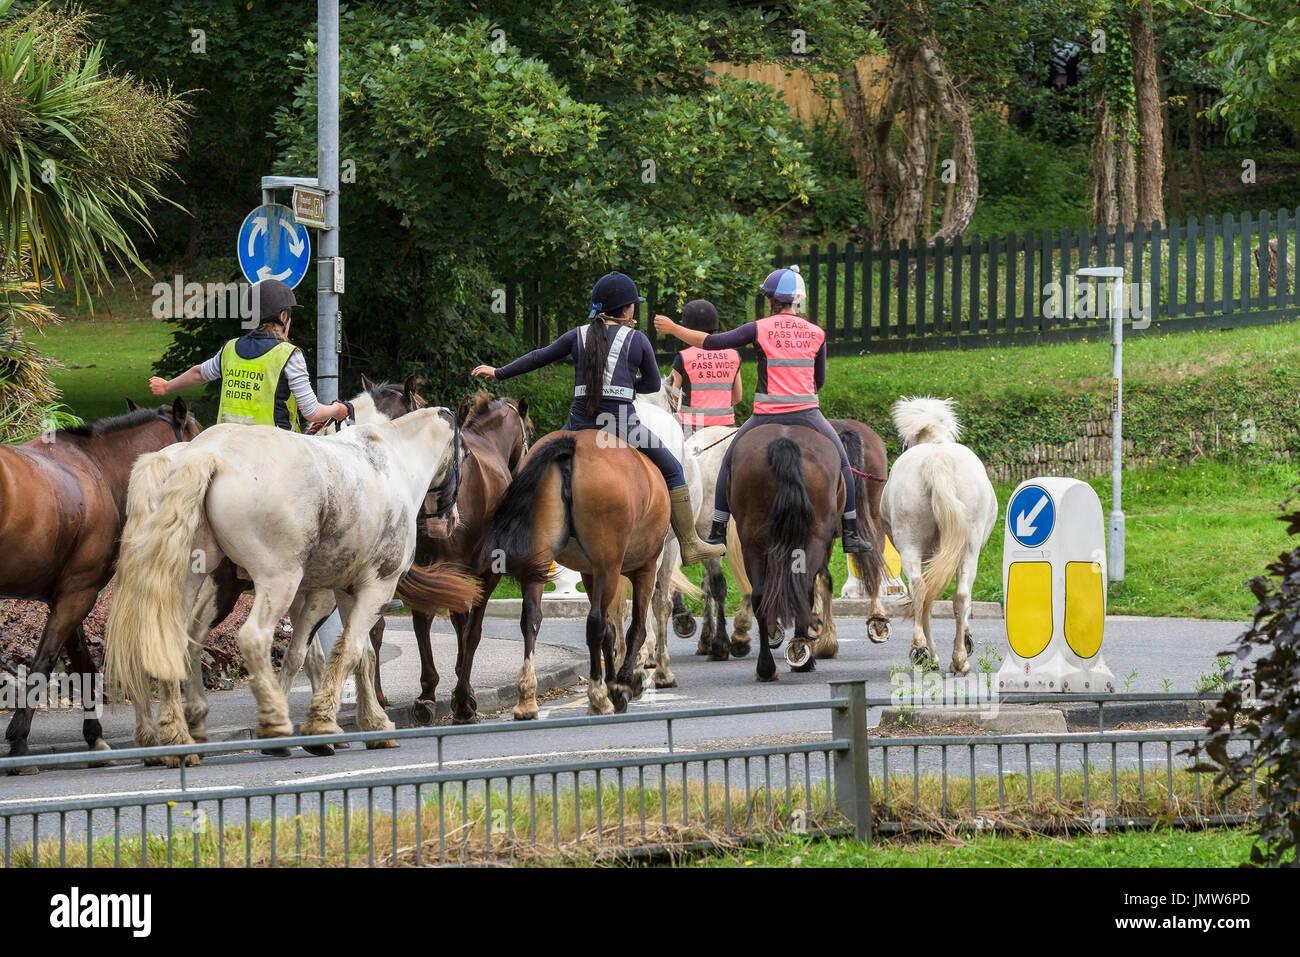 Cavalieri a cavallo su strade pubbliche. Immagini Stock